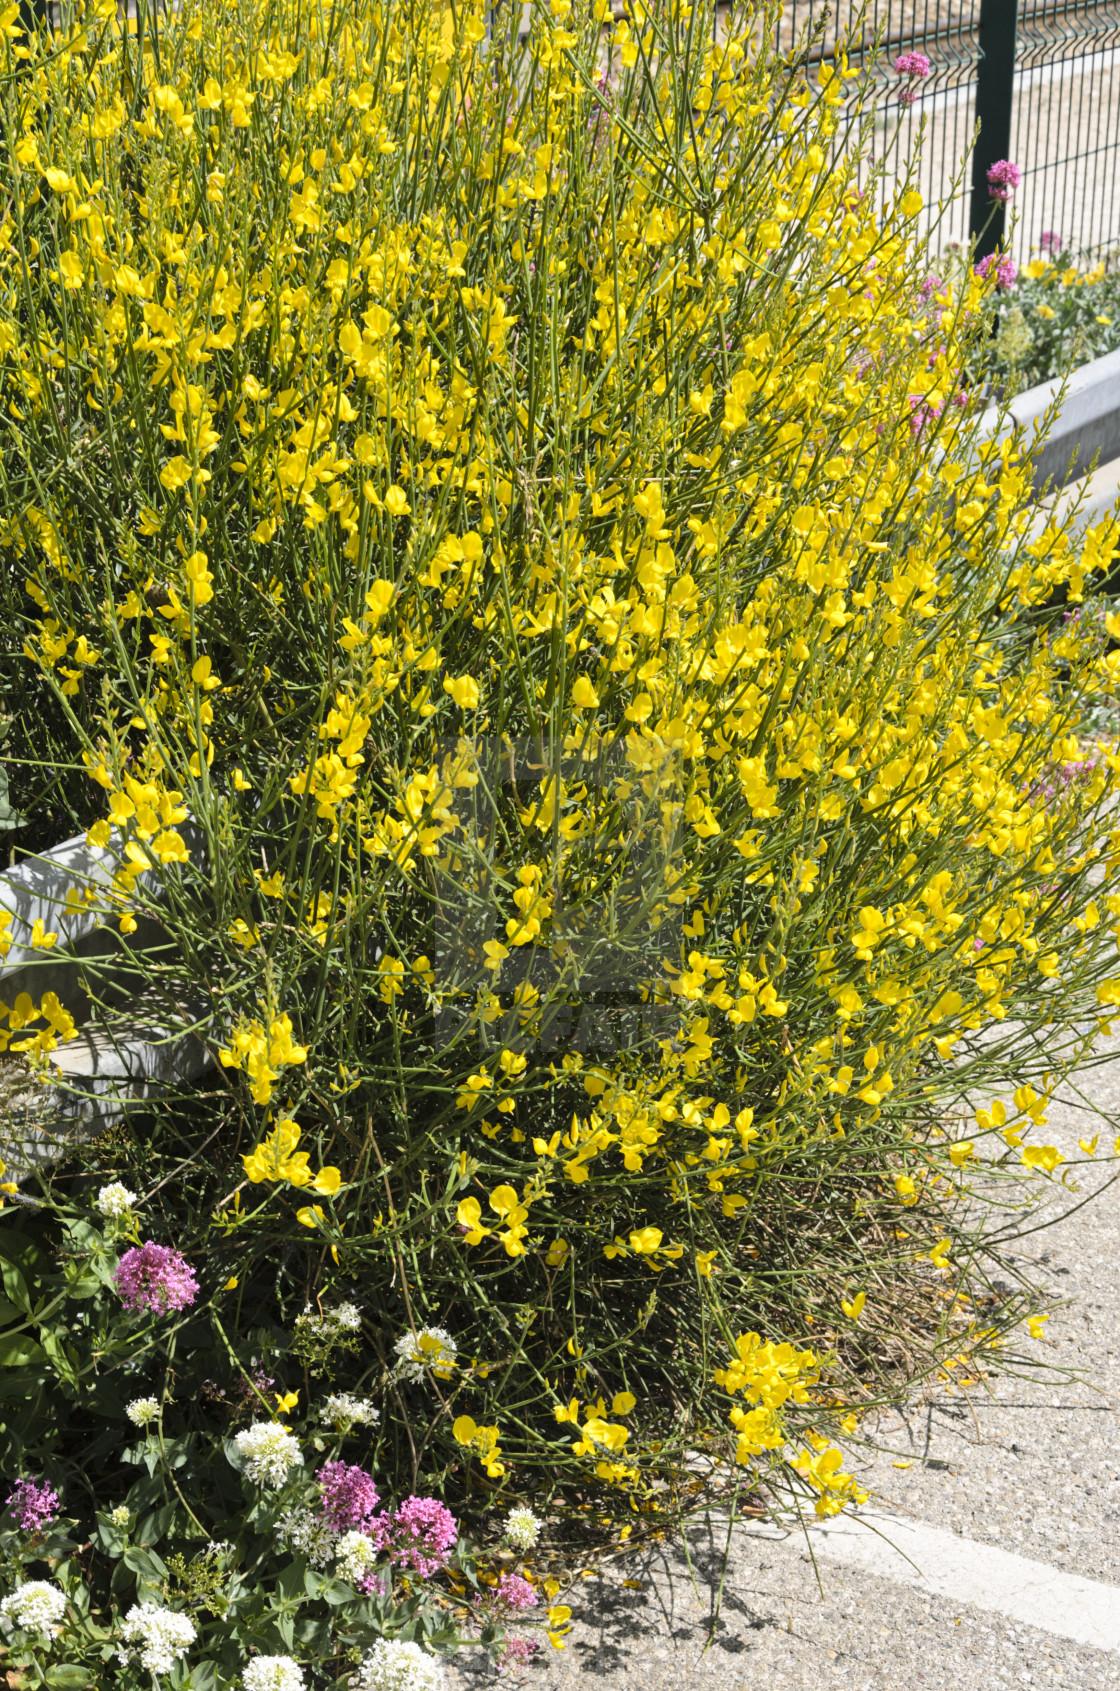 Spanish Broom Spartium Junceum License Download Or Print For 43 40 Photos Picfair